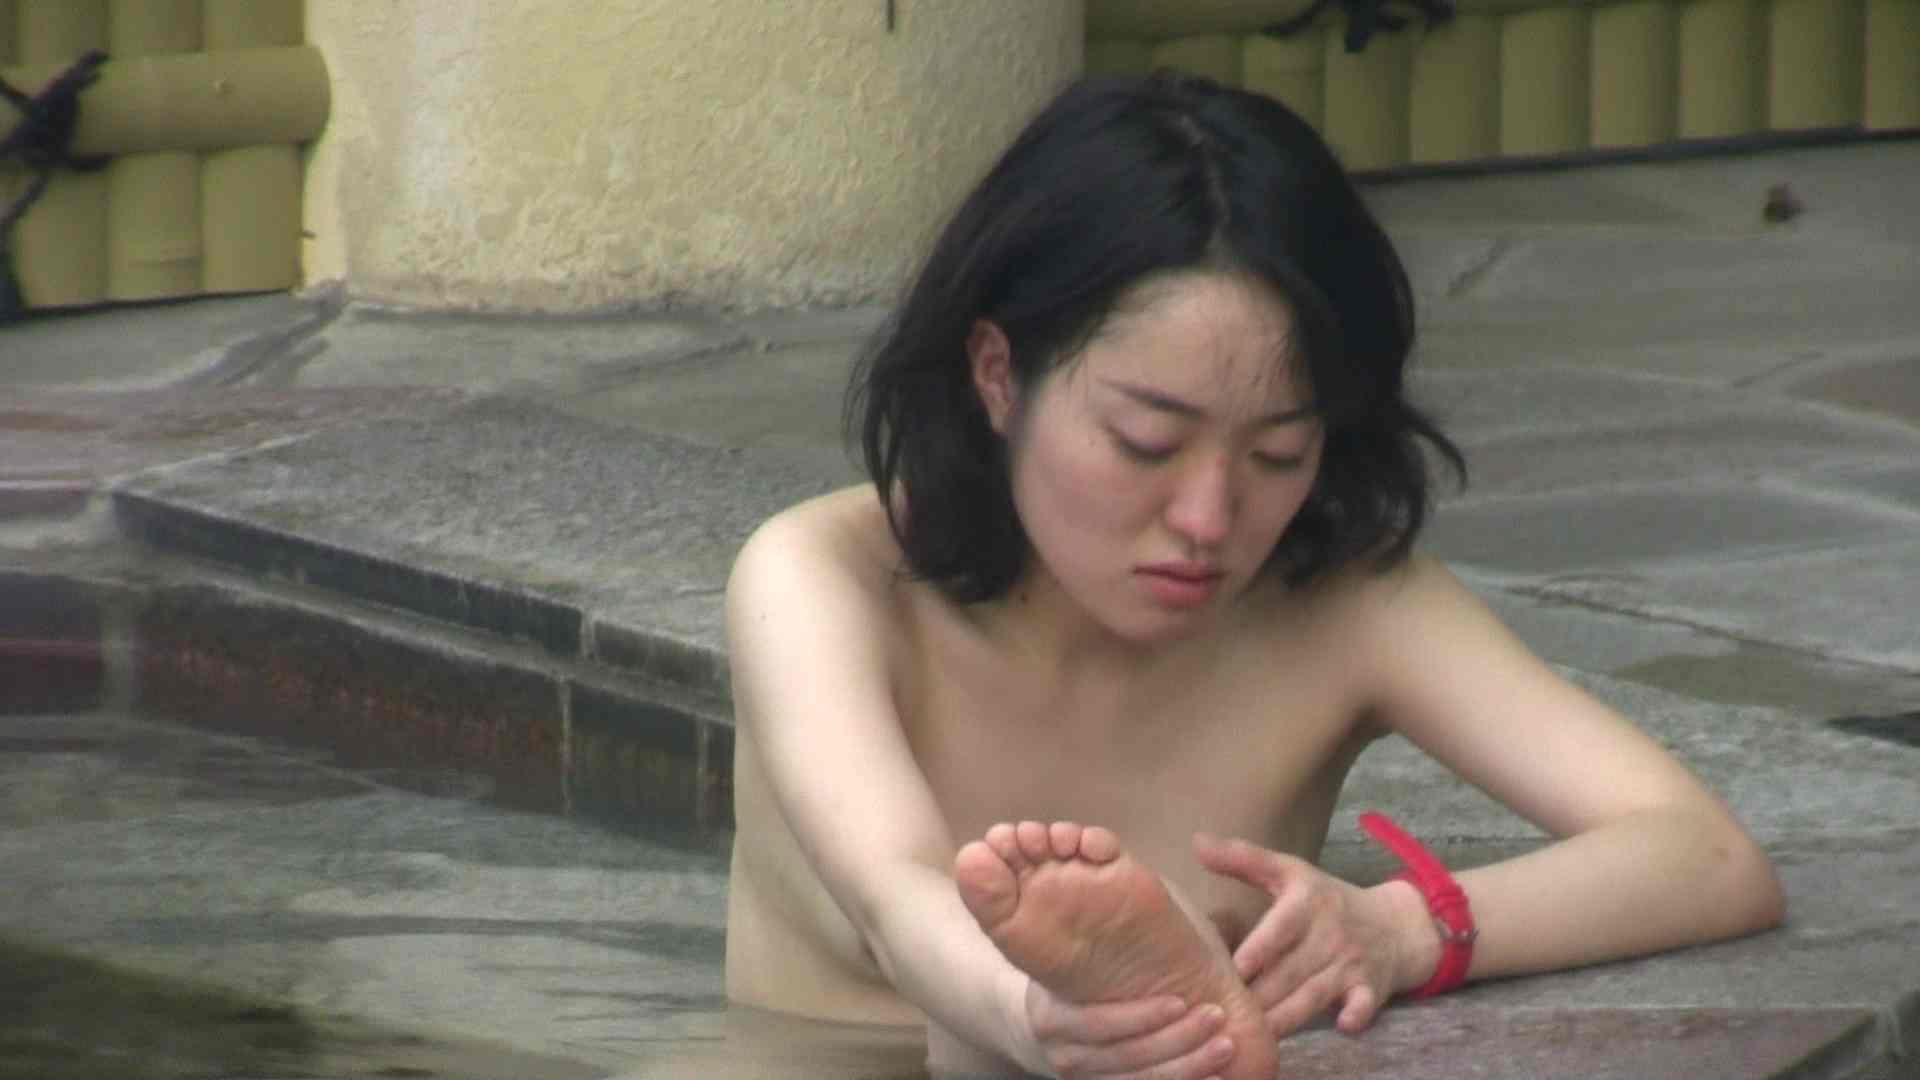 Aquaな露天風呂Vol.681 OLのエロ生活 | 盗撮  63連発 13